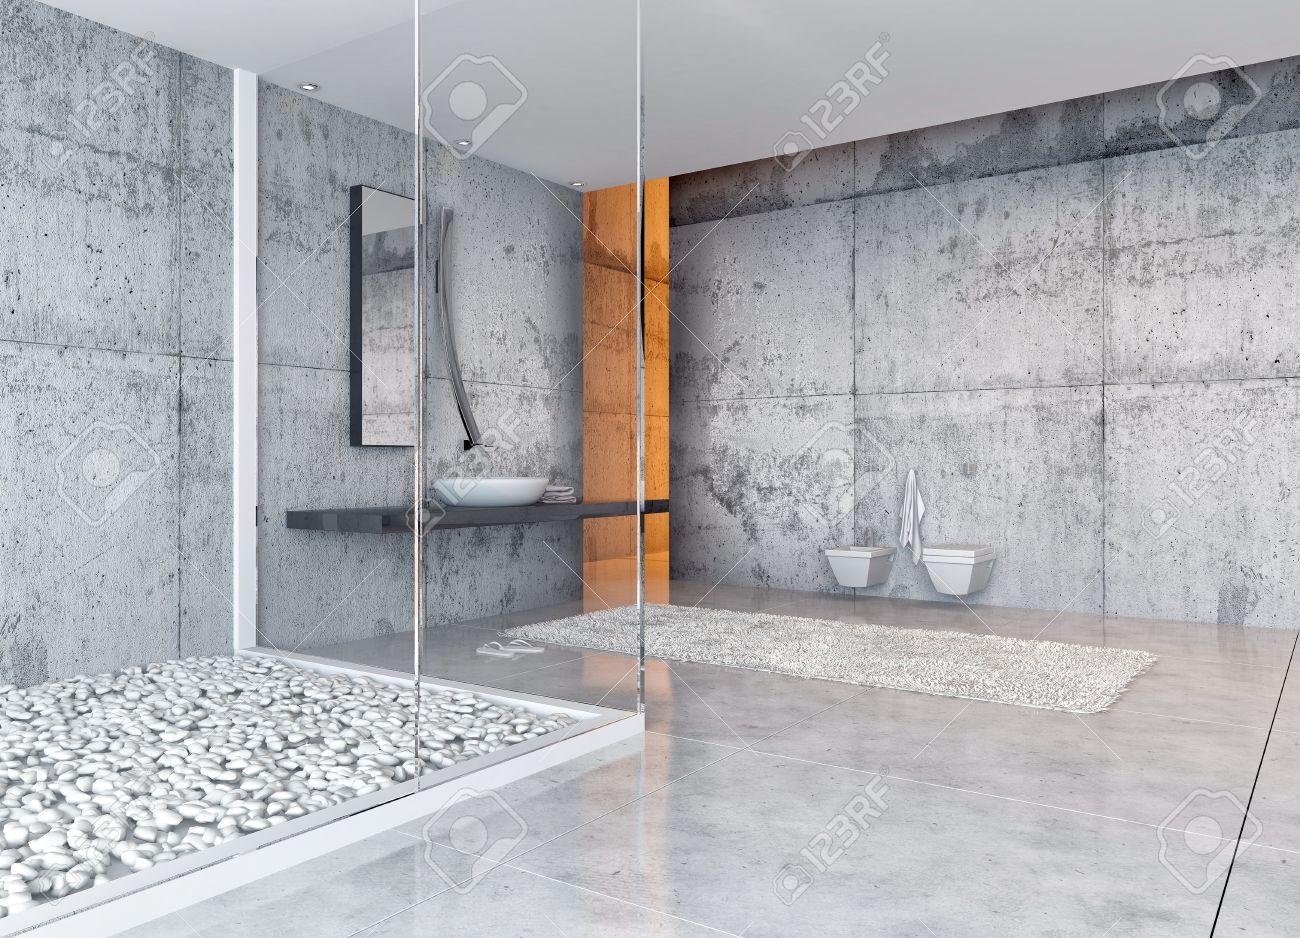 Lavabo Per Bagno In Marmo : Lavabi per bagno in marmo. Lavabo per ...